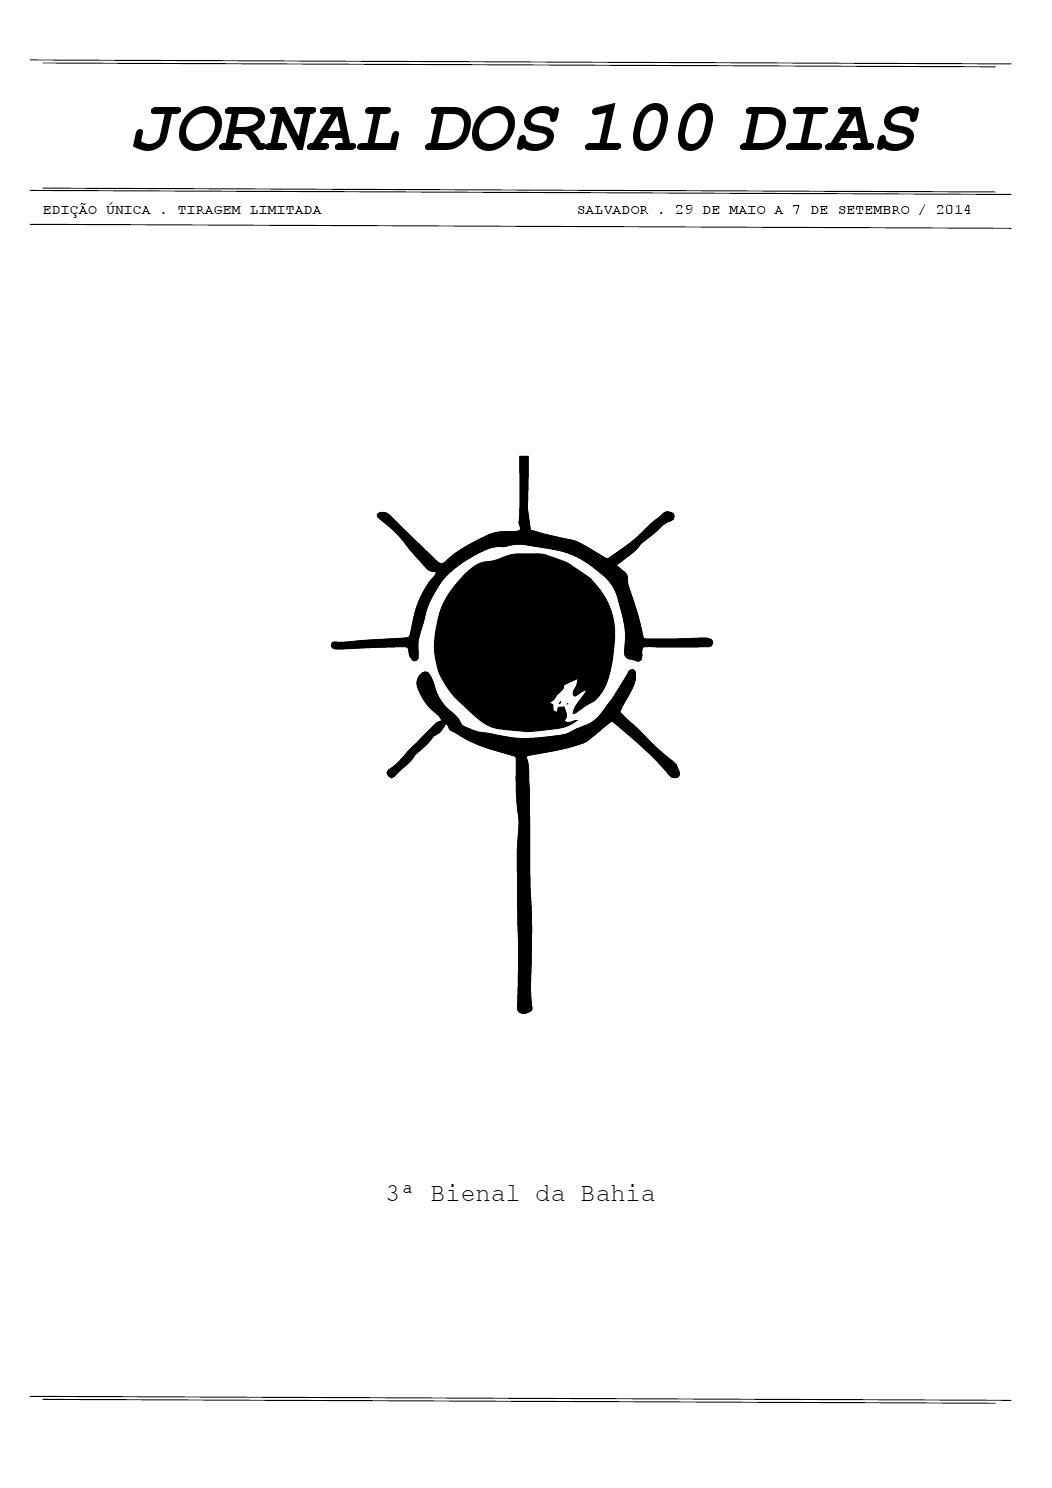 42615bccd21c5 Jornal dos 100 dias by Museu de Arte Moderna da Bahia (MAM-BA) - issuu